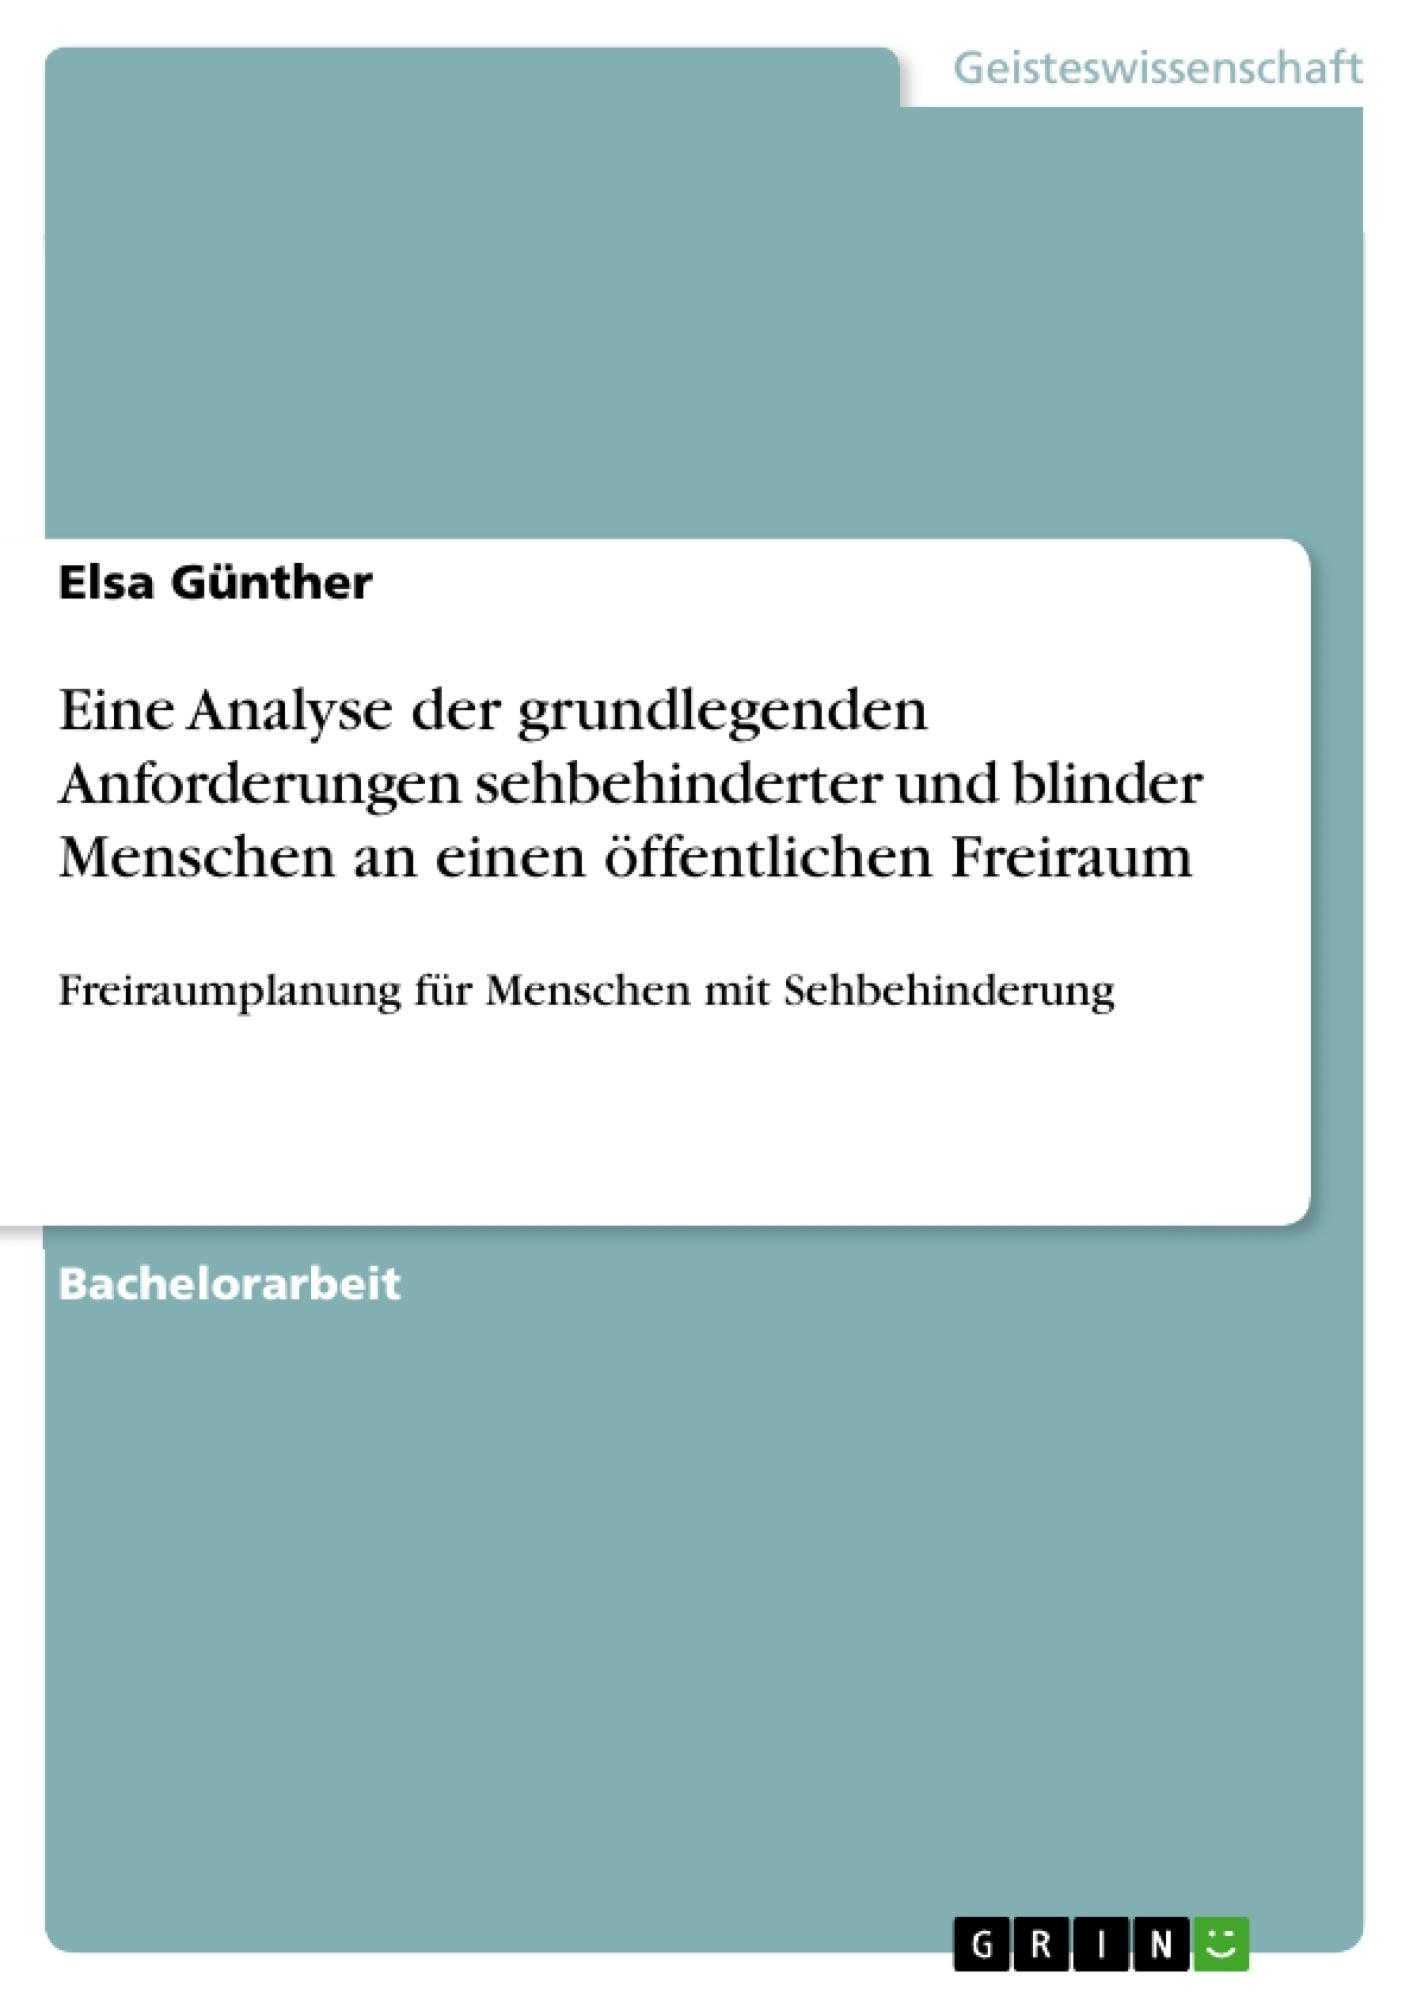 Titel: Eine Analyse der grundlegenden Anforderungen sehbehinderter und blinder Menschen an einen öffentlichen Freiraum